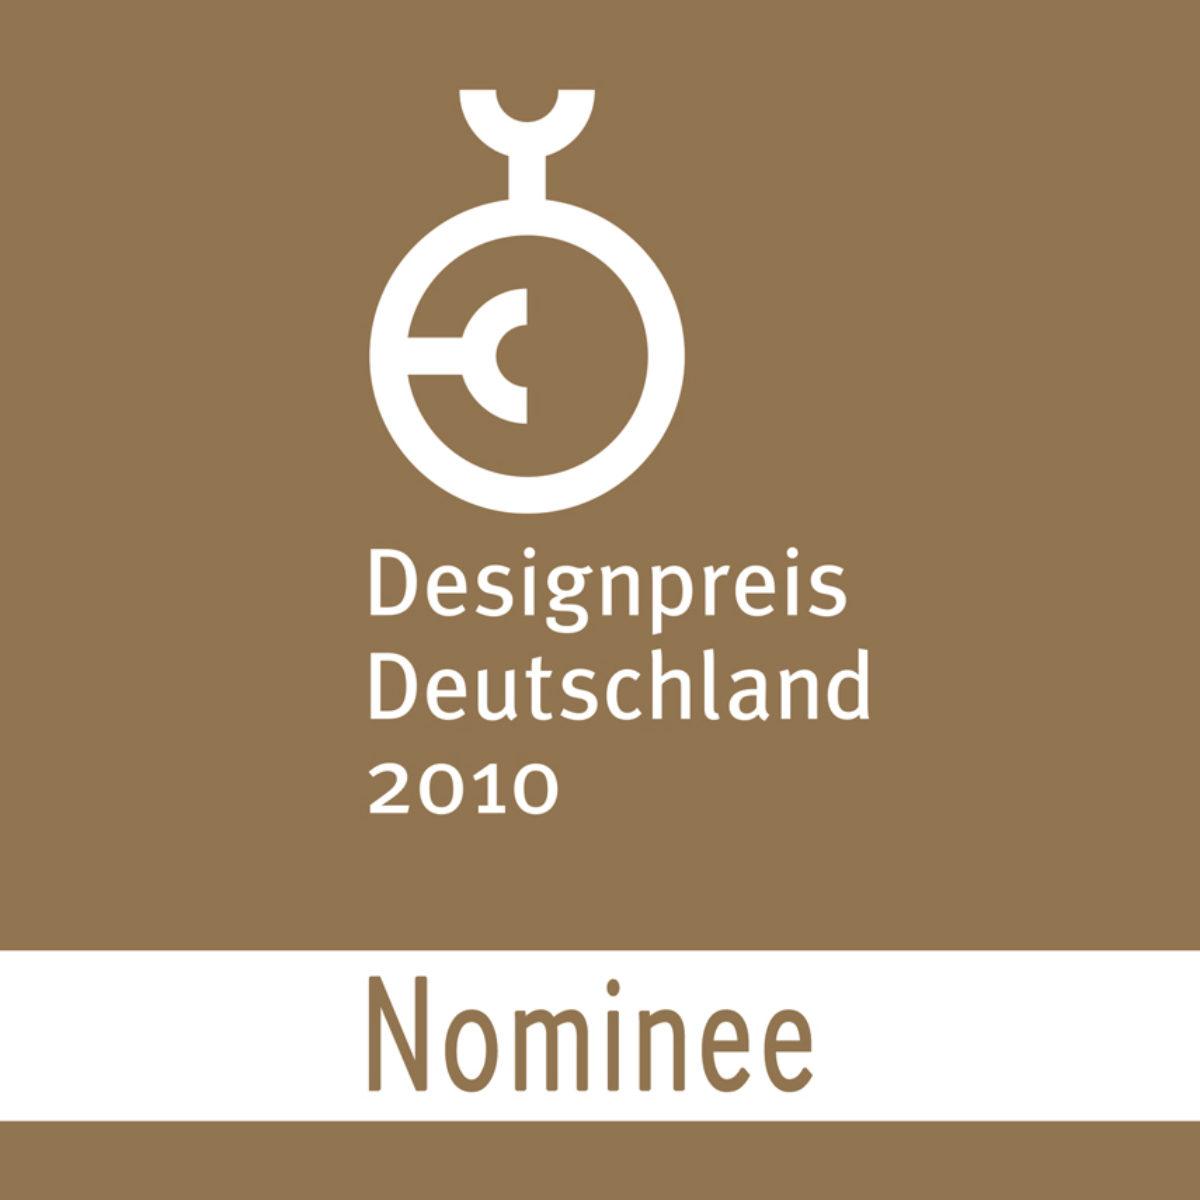 Designpreis Deutschland nominee logo